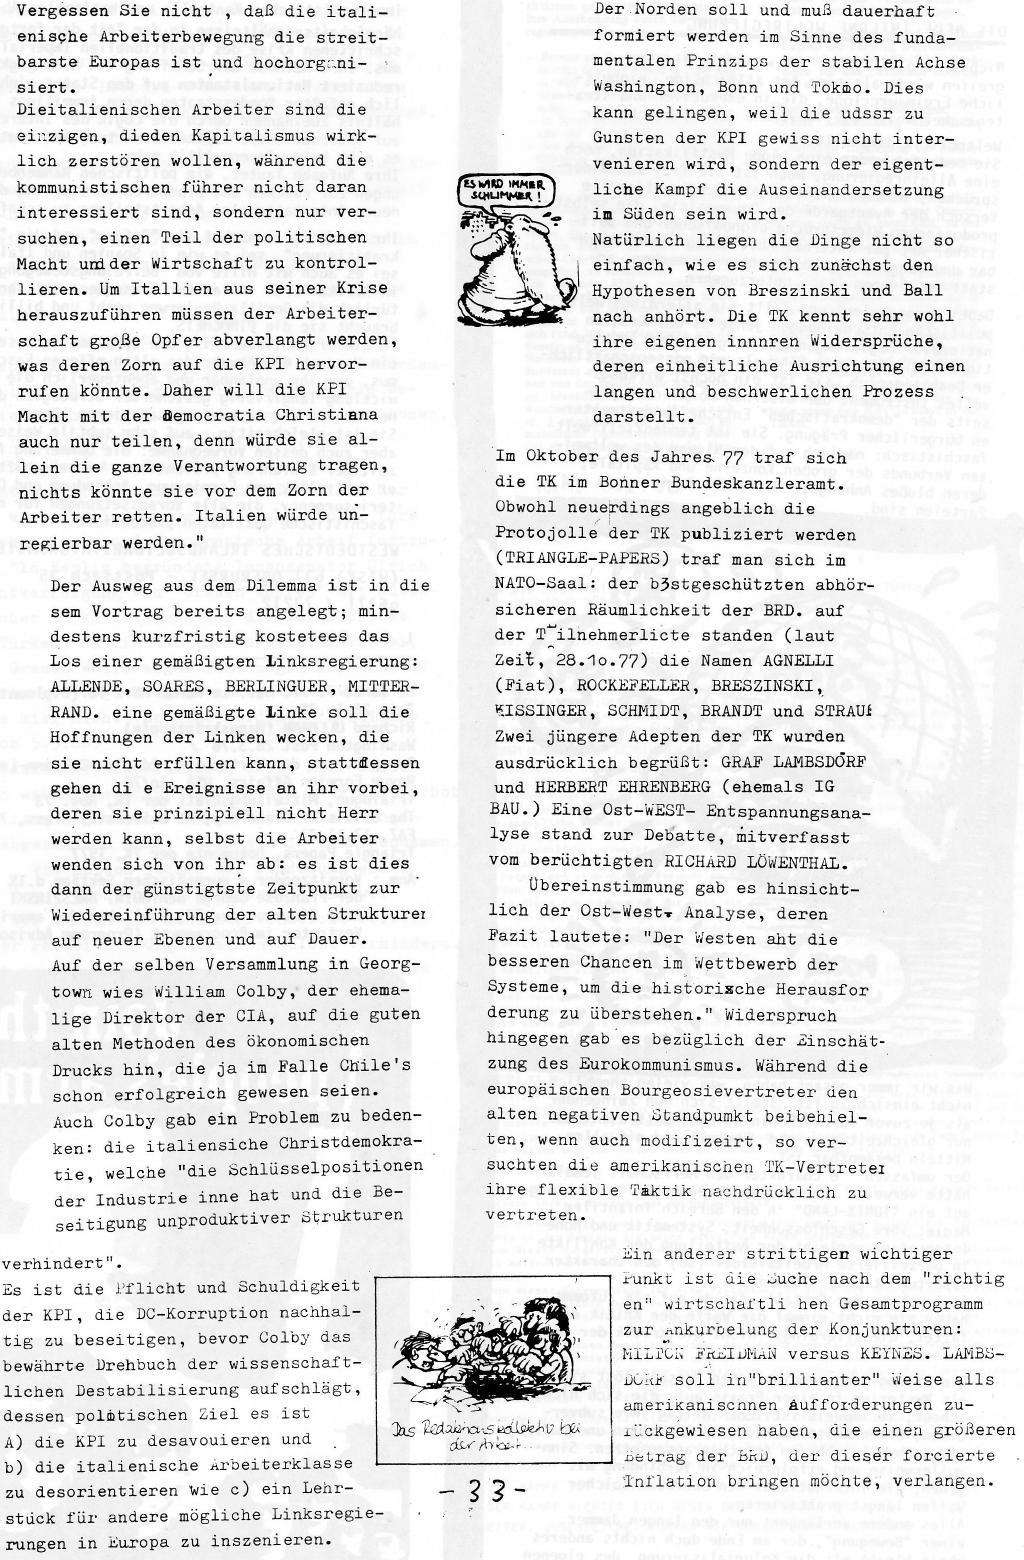 Bremen_1980_NATO_Broschuere_33